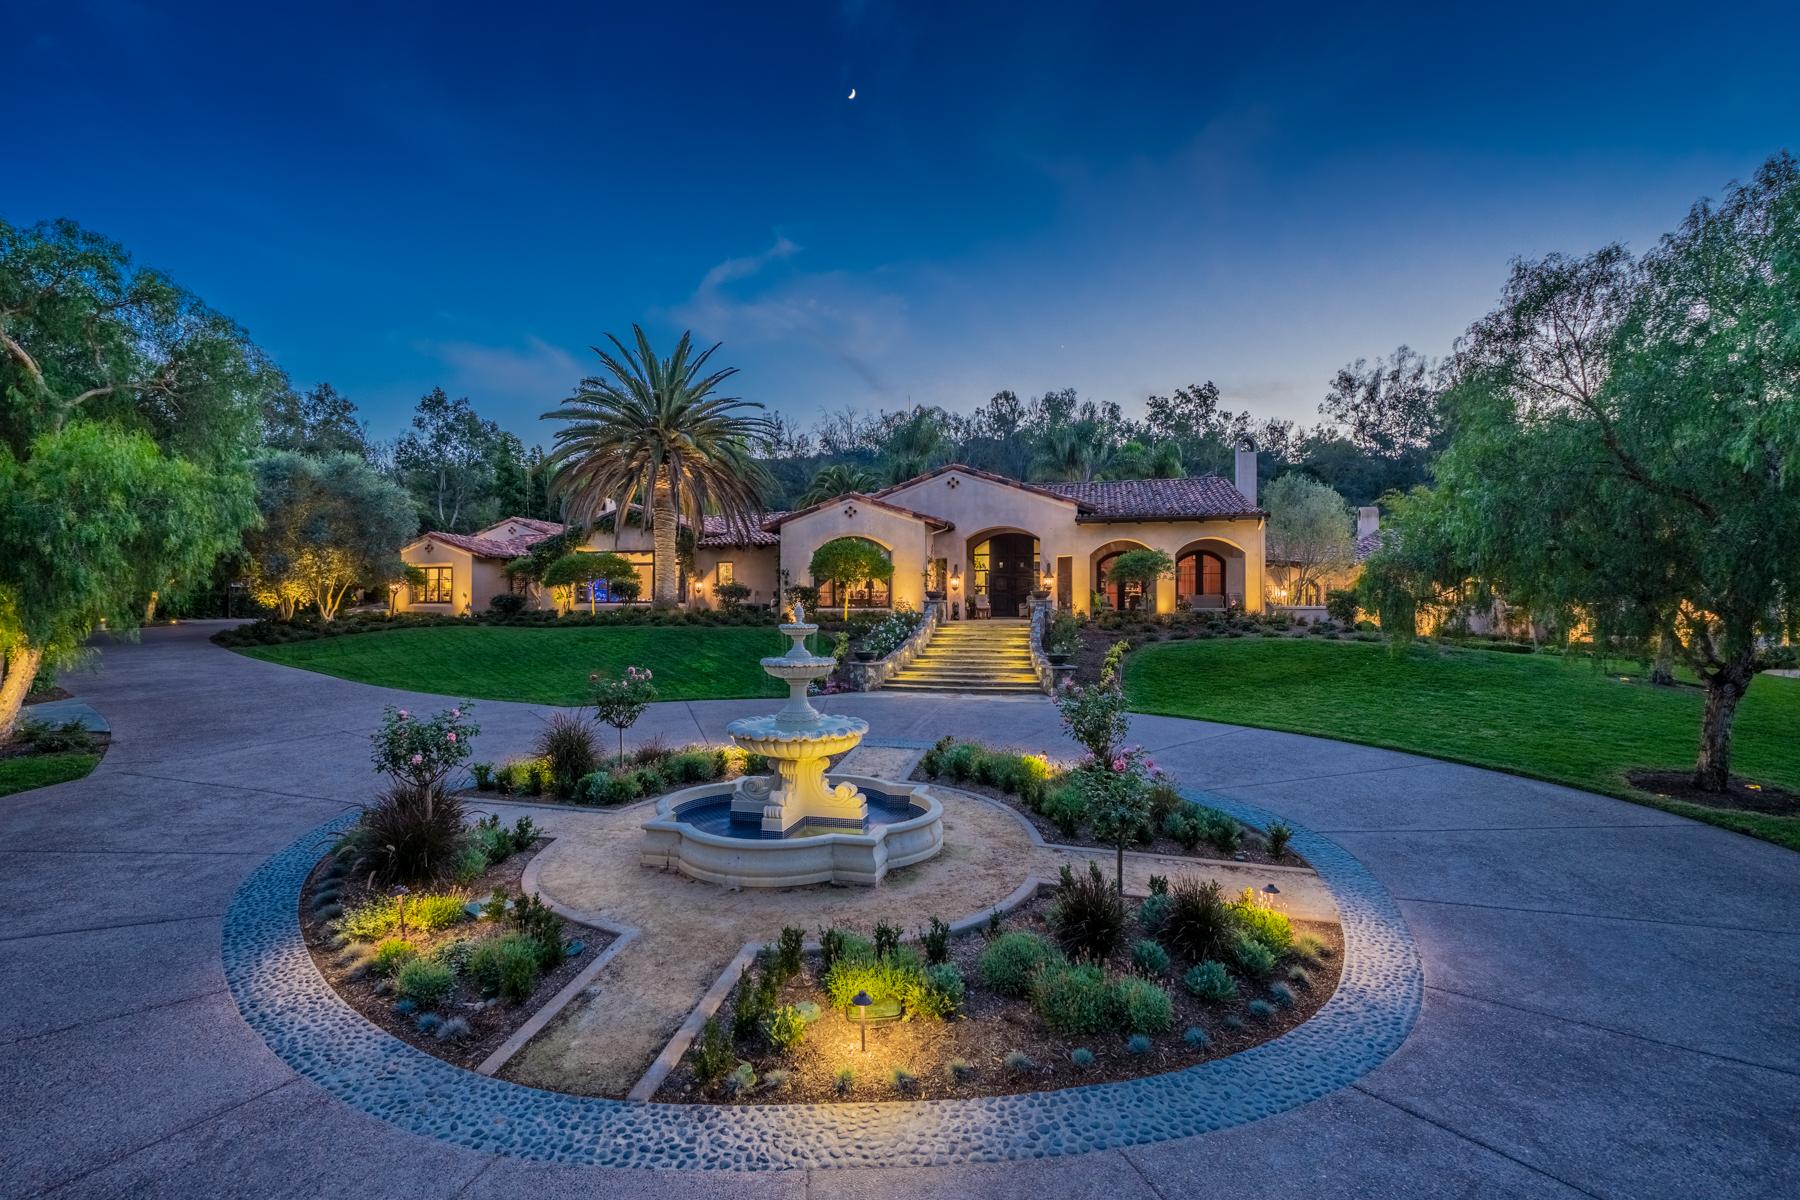 Moradia para Venda às 16250 Rambla De Las Flores Rancho Santa Fe, Califórnia, 92067 Estados Unidos